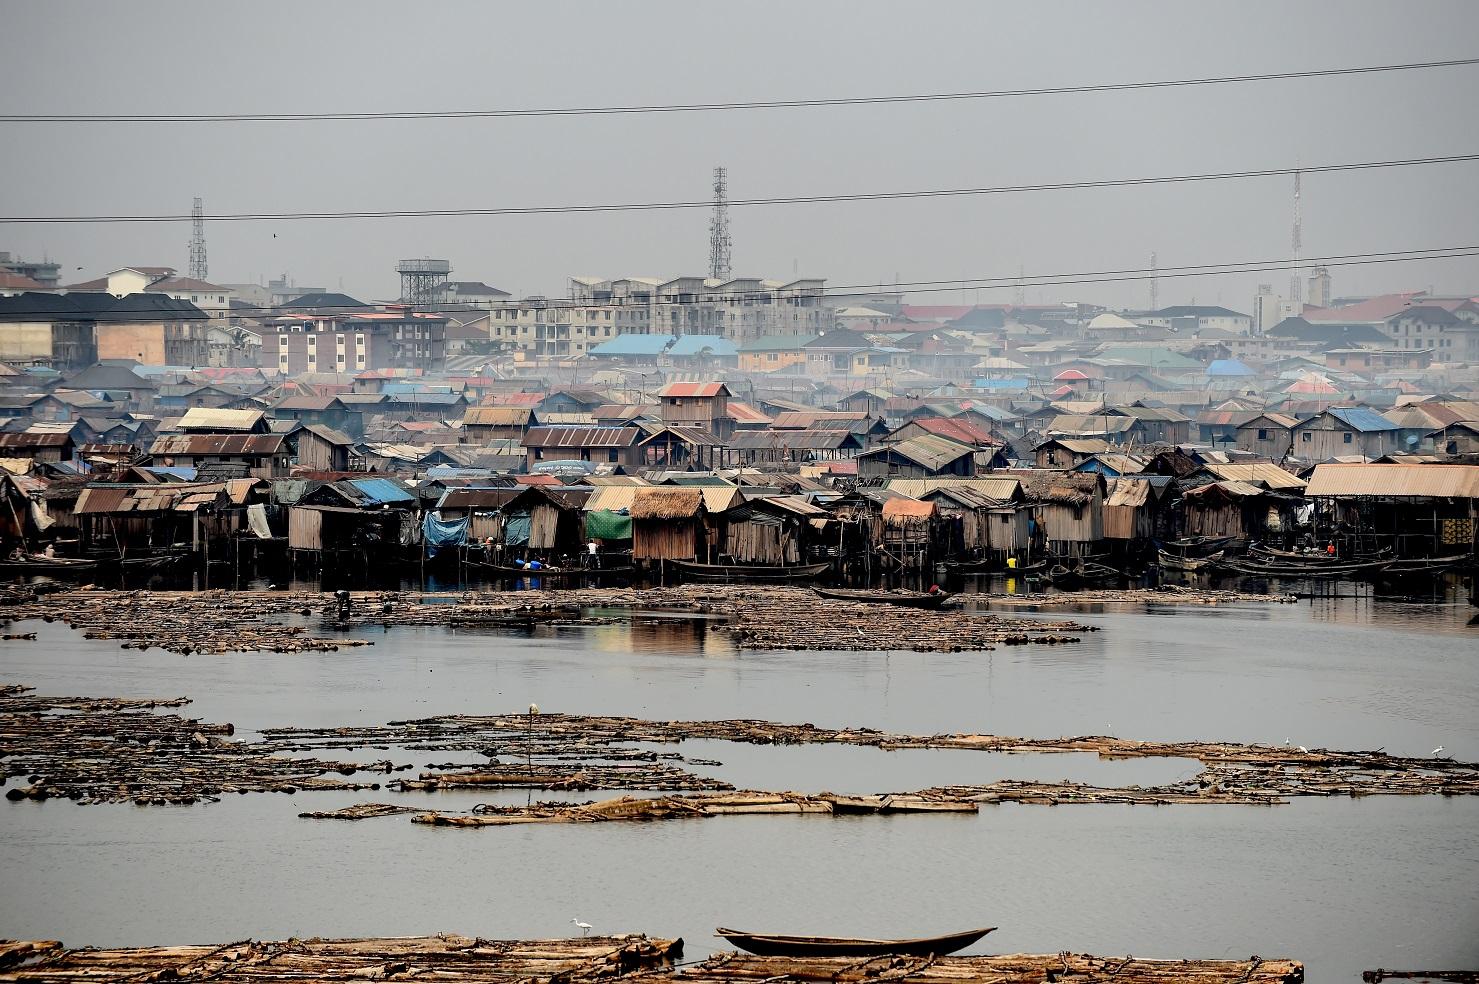 A cidade Lagos, capital da Nigéria, é um dos muitos exemplos de caos urbano no mundo. Foto Pius Utomi Ekpei/AFP